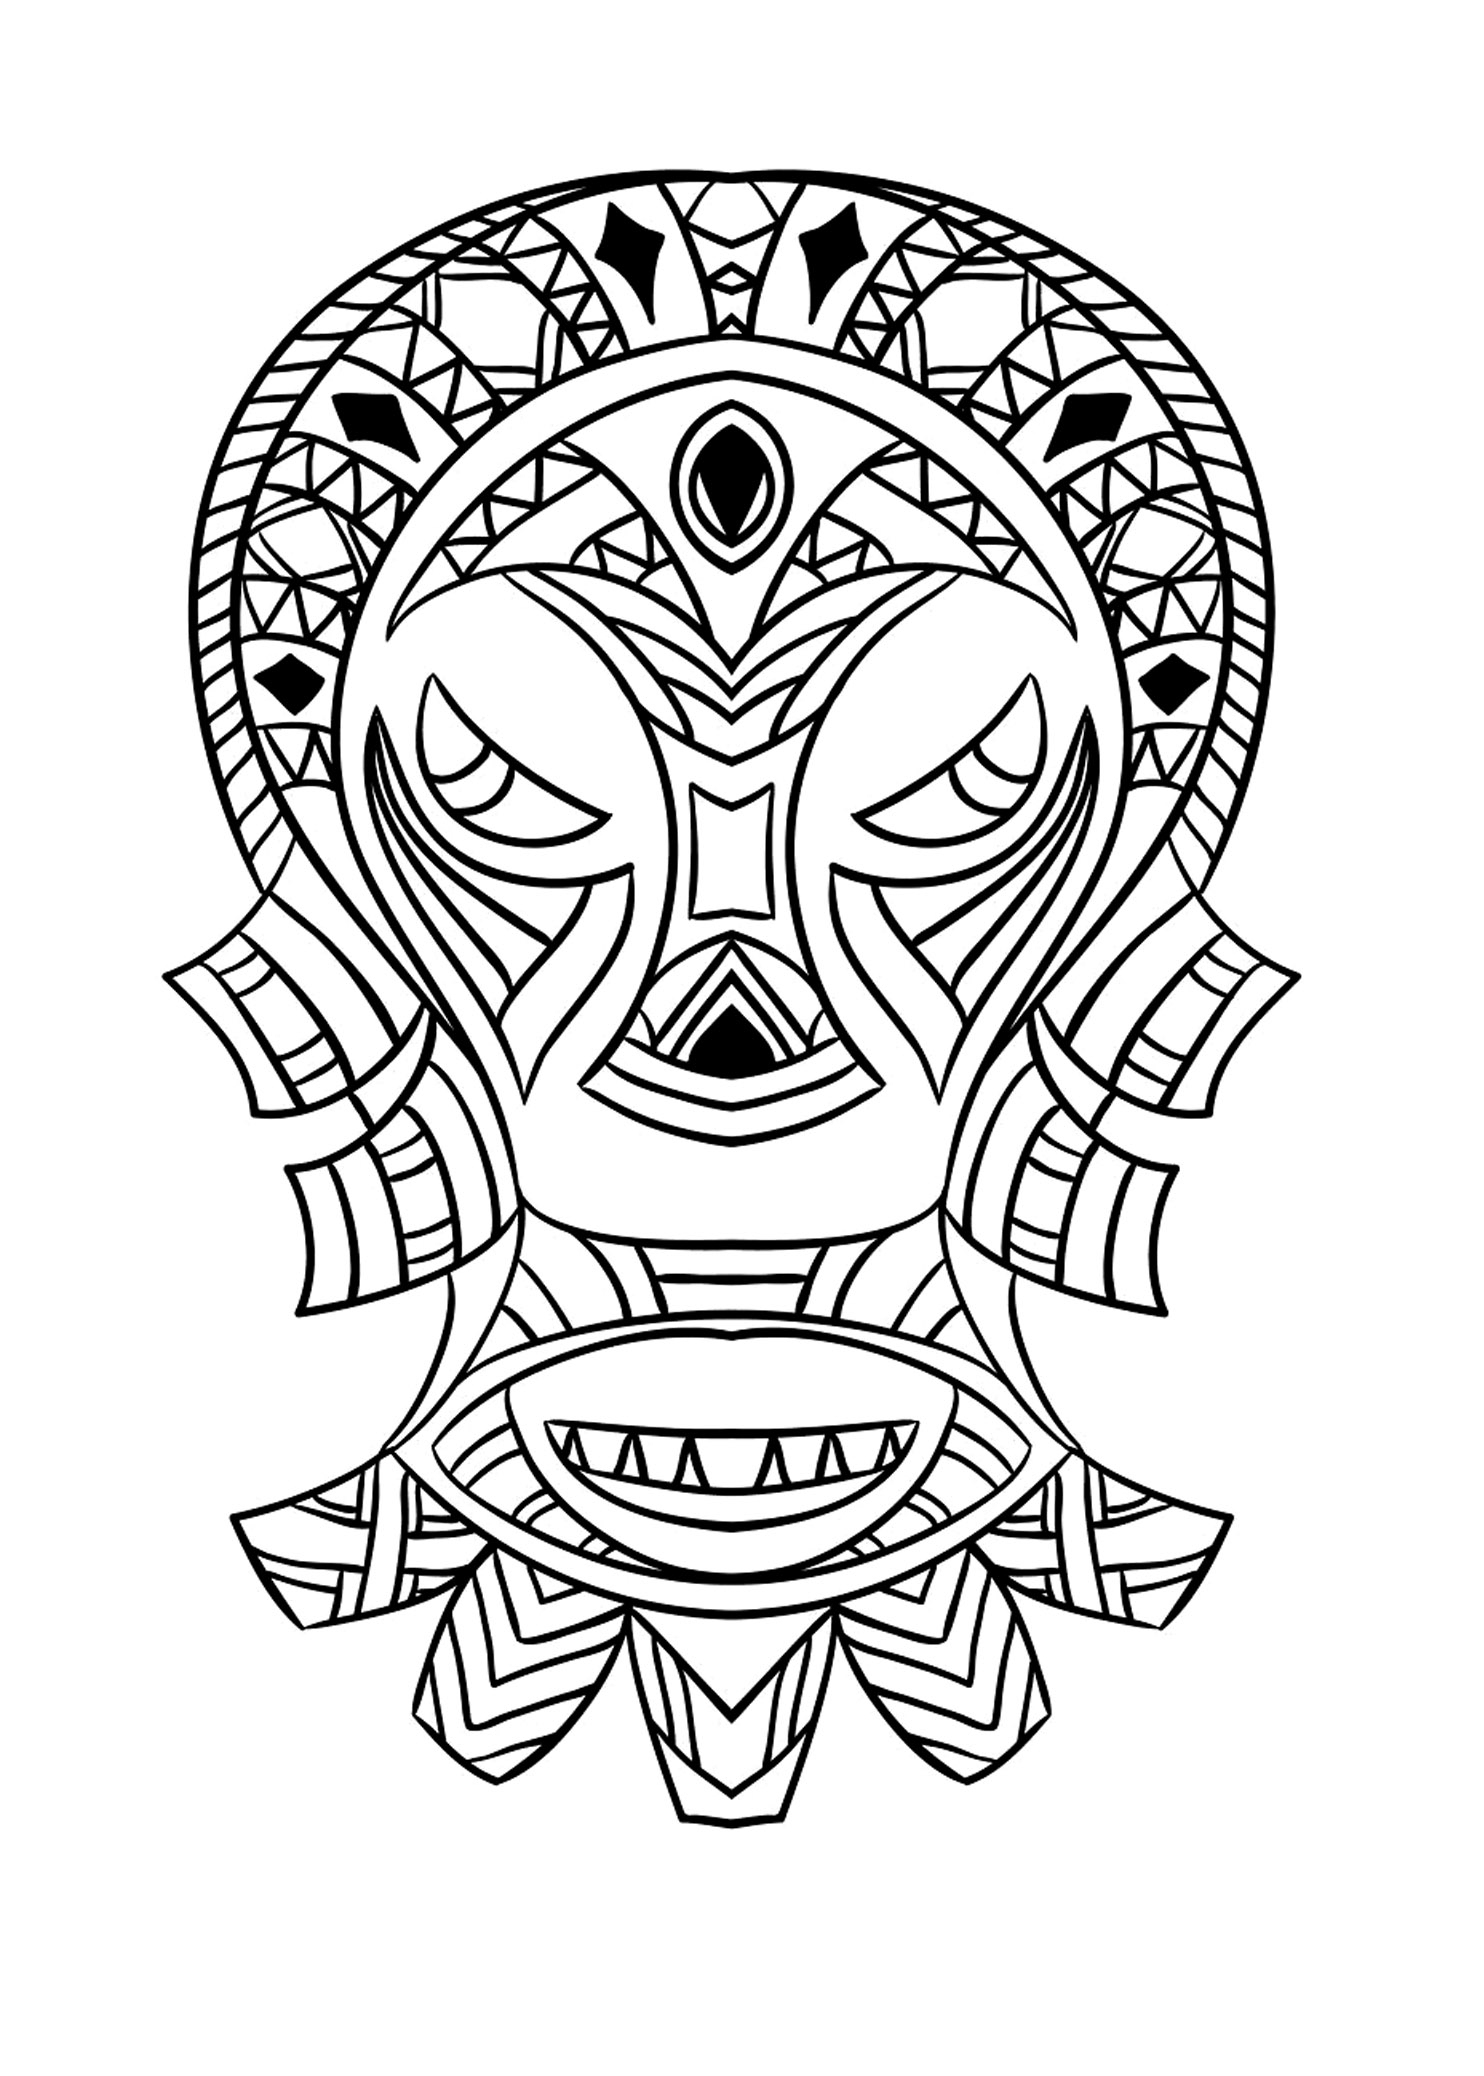 Masque Africain 4 - Afrique - Coloriages Difficiles Pour Adultes à Dessin Africain A Colorier